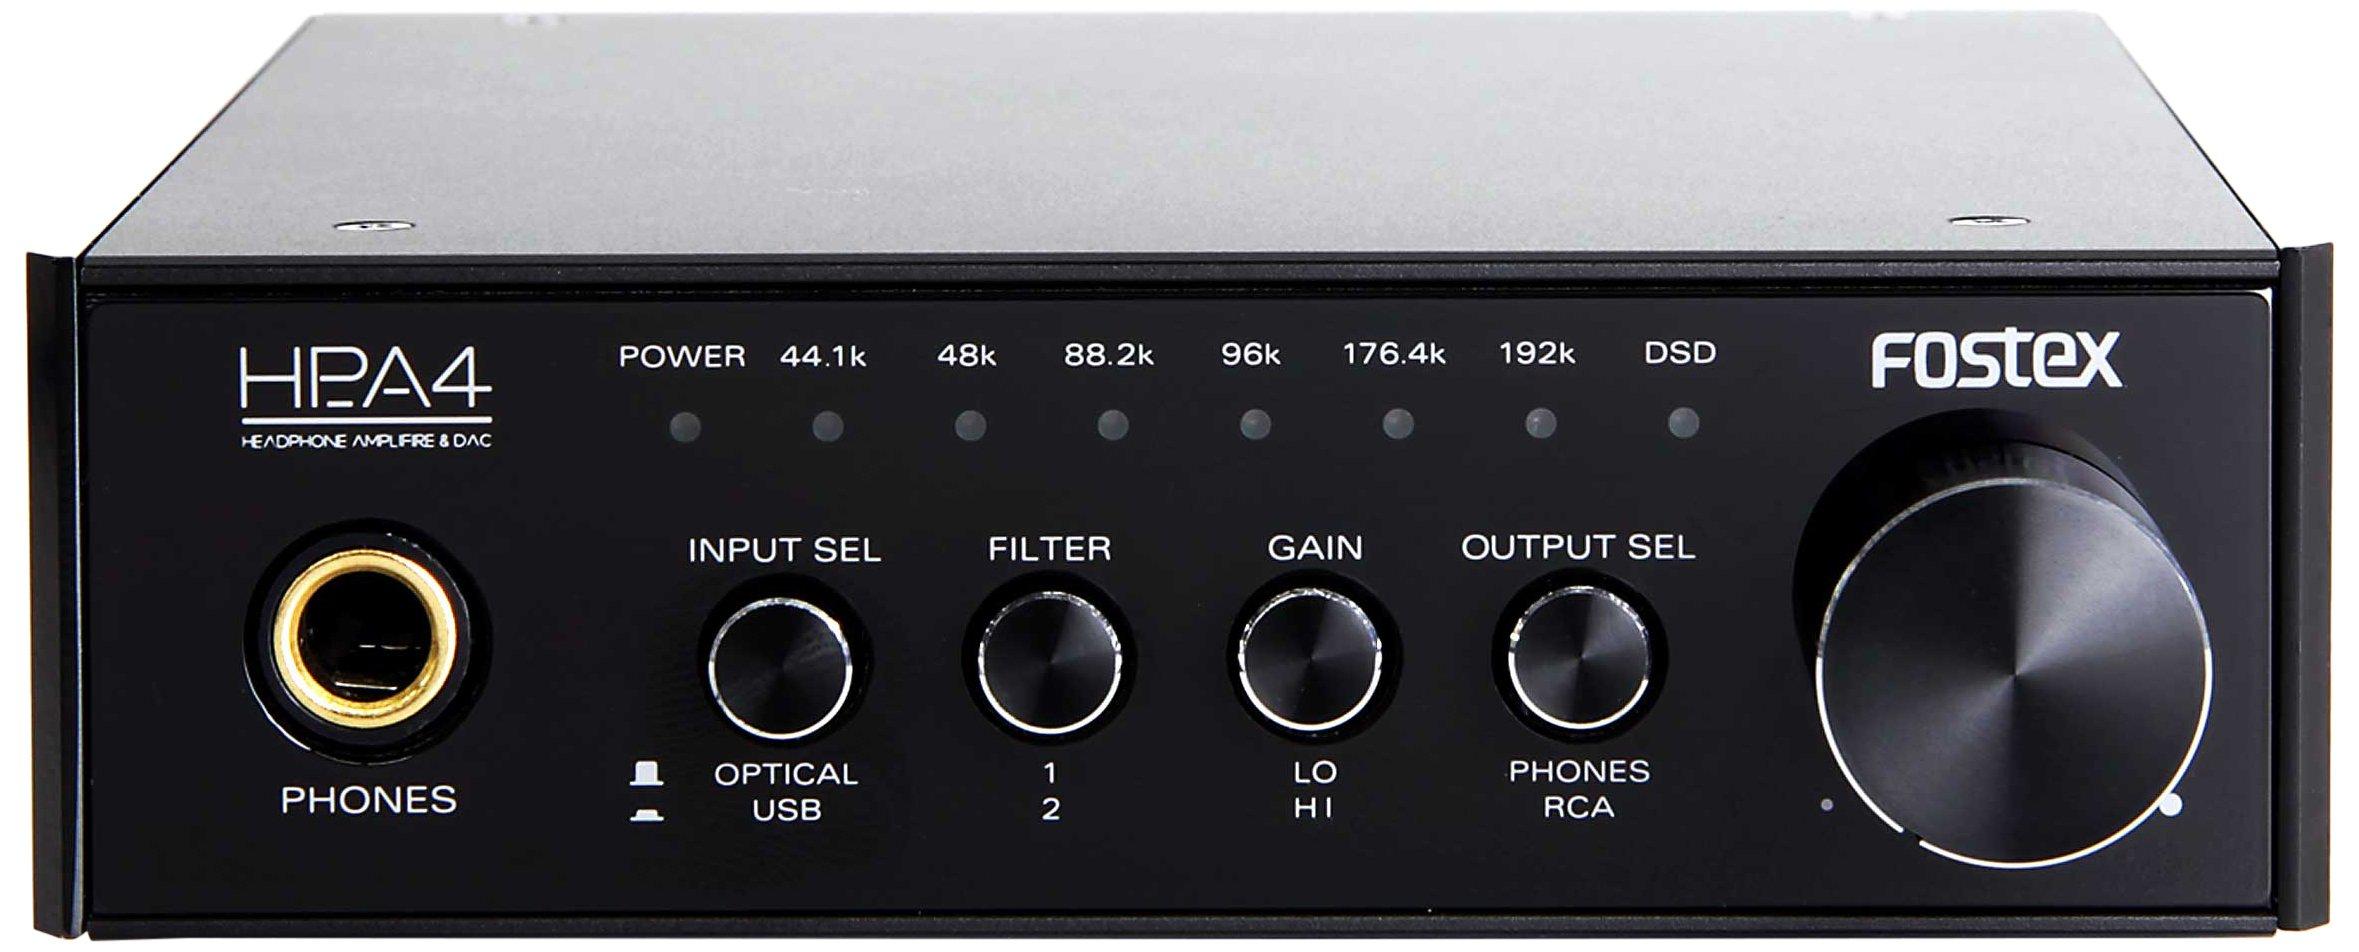 Fostex HP-A4 24-Bit Digital to Analog Converter/Headphone Amplifier